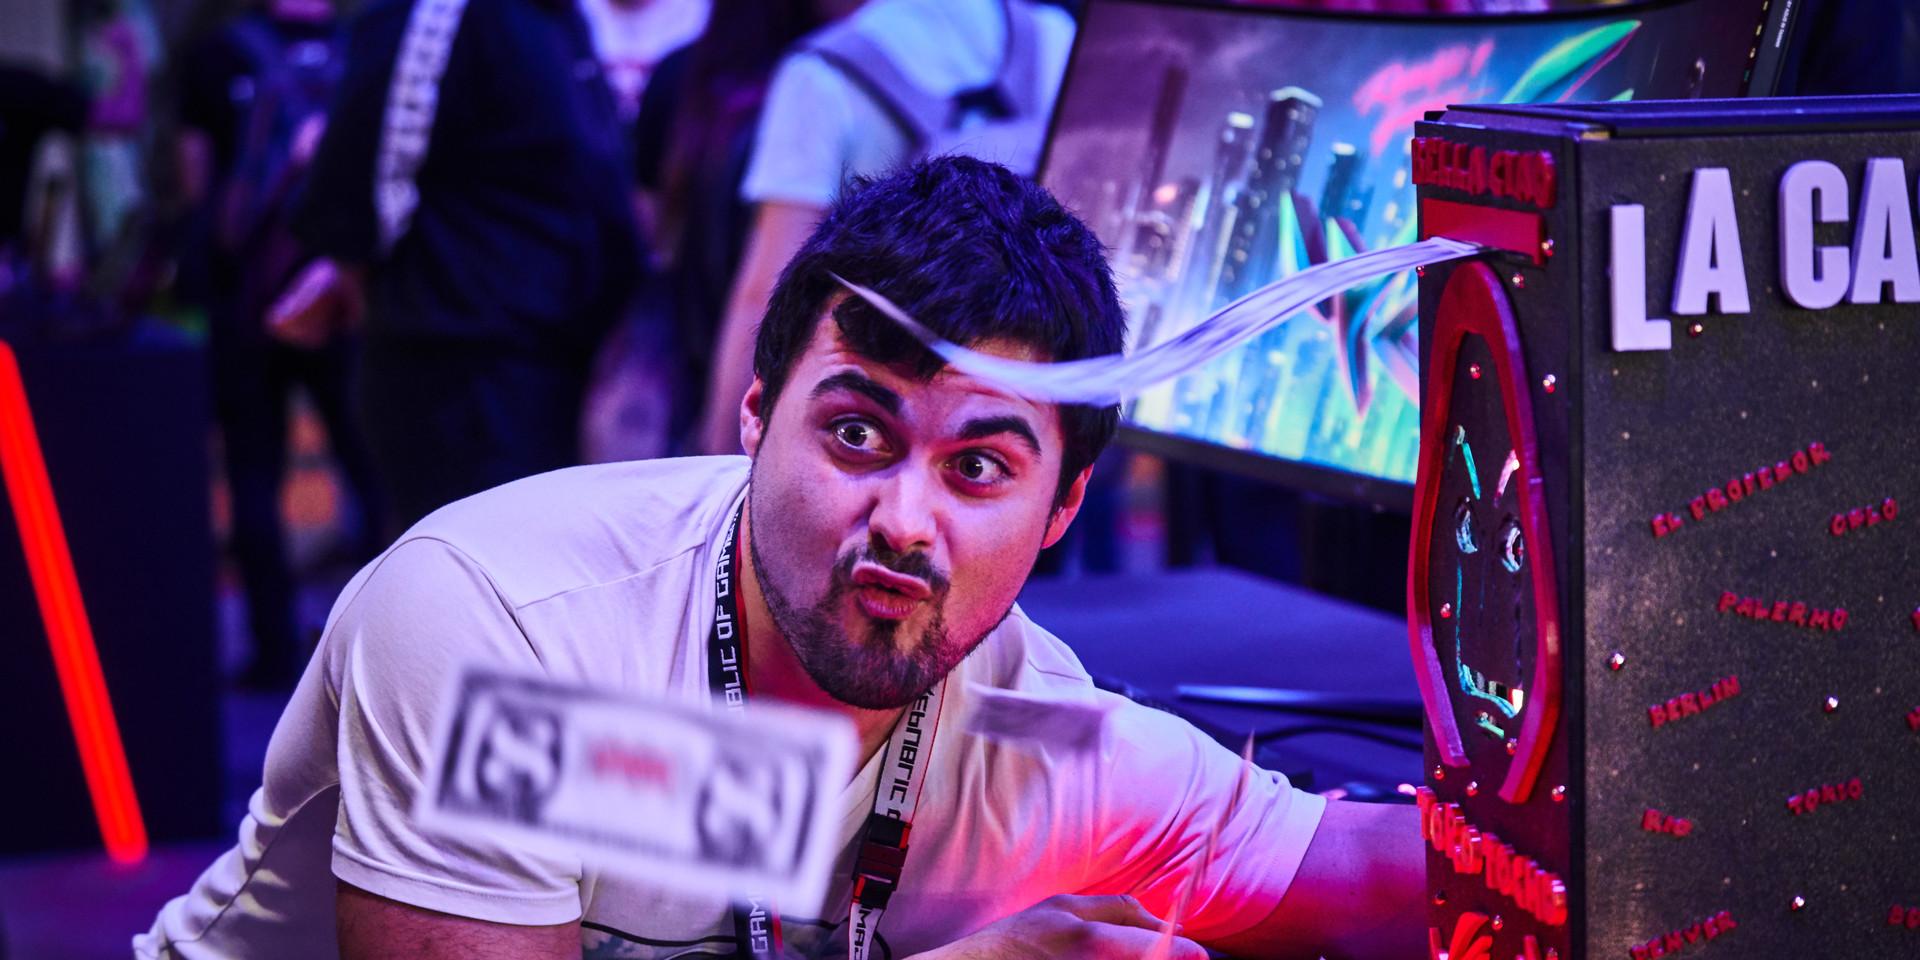 TOROTOCHO_FOTOGRAFÍA  Y VIDEO EVENTO NICEONEBARCELONA N1B REPUBLIC OF GAMERS GAMING EVENT_6